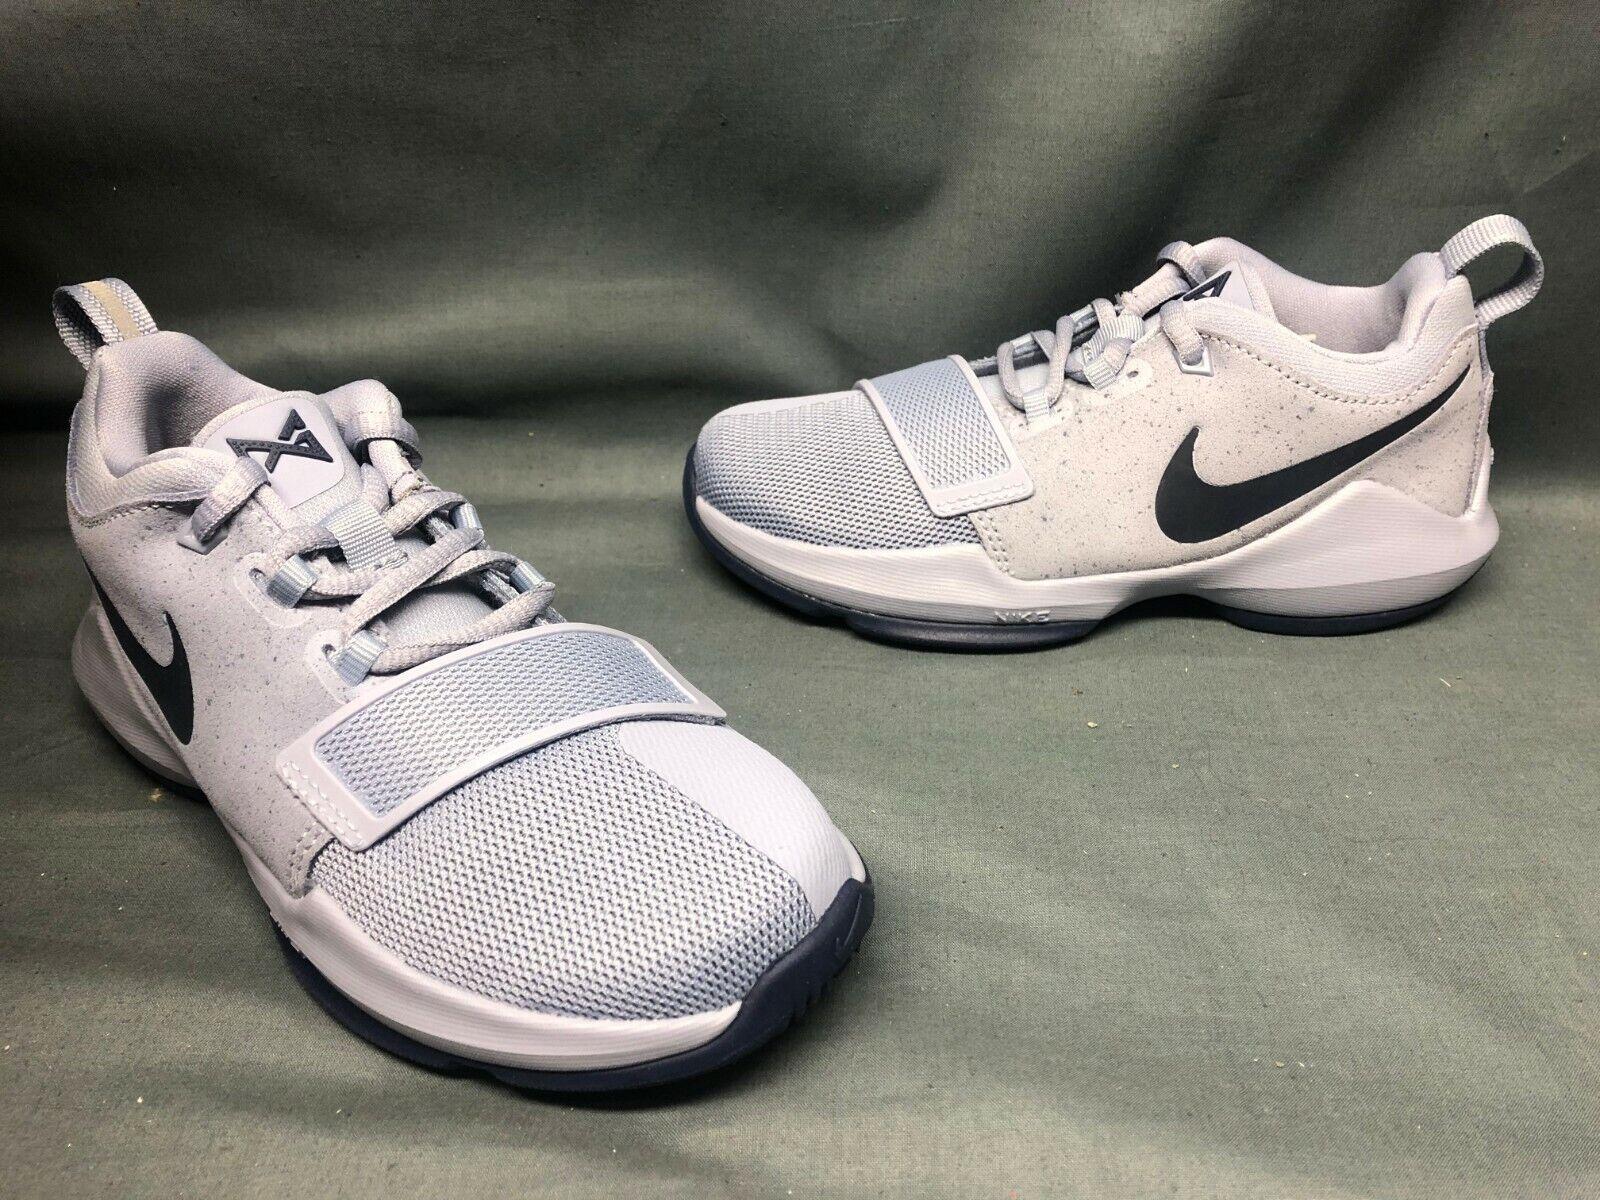 Nike PG 1 (PS) Athletic Sneakers